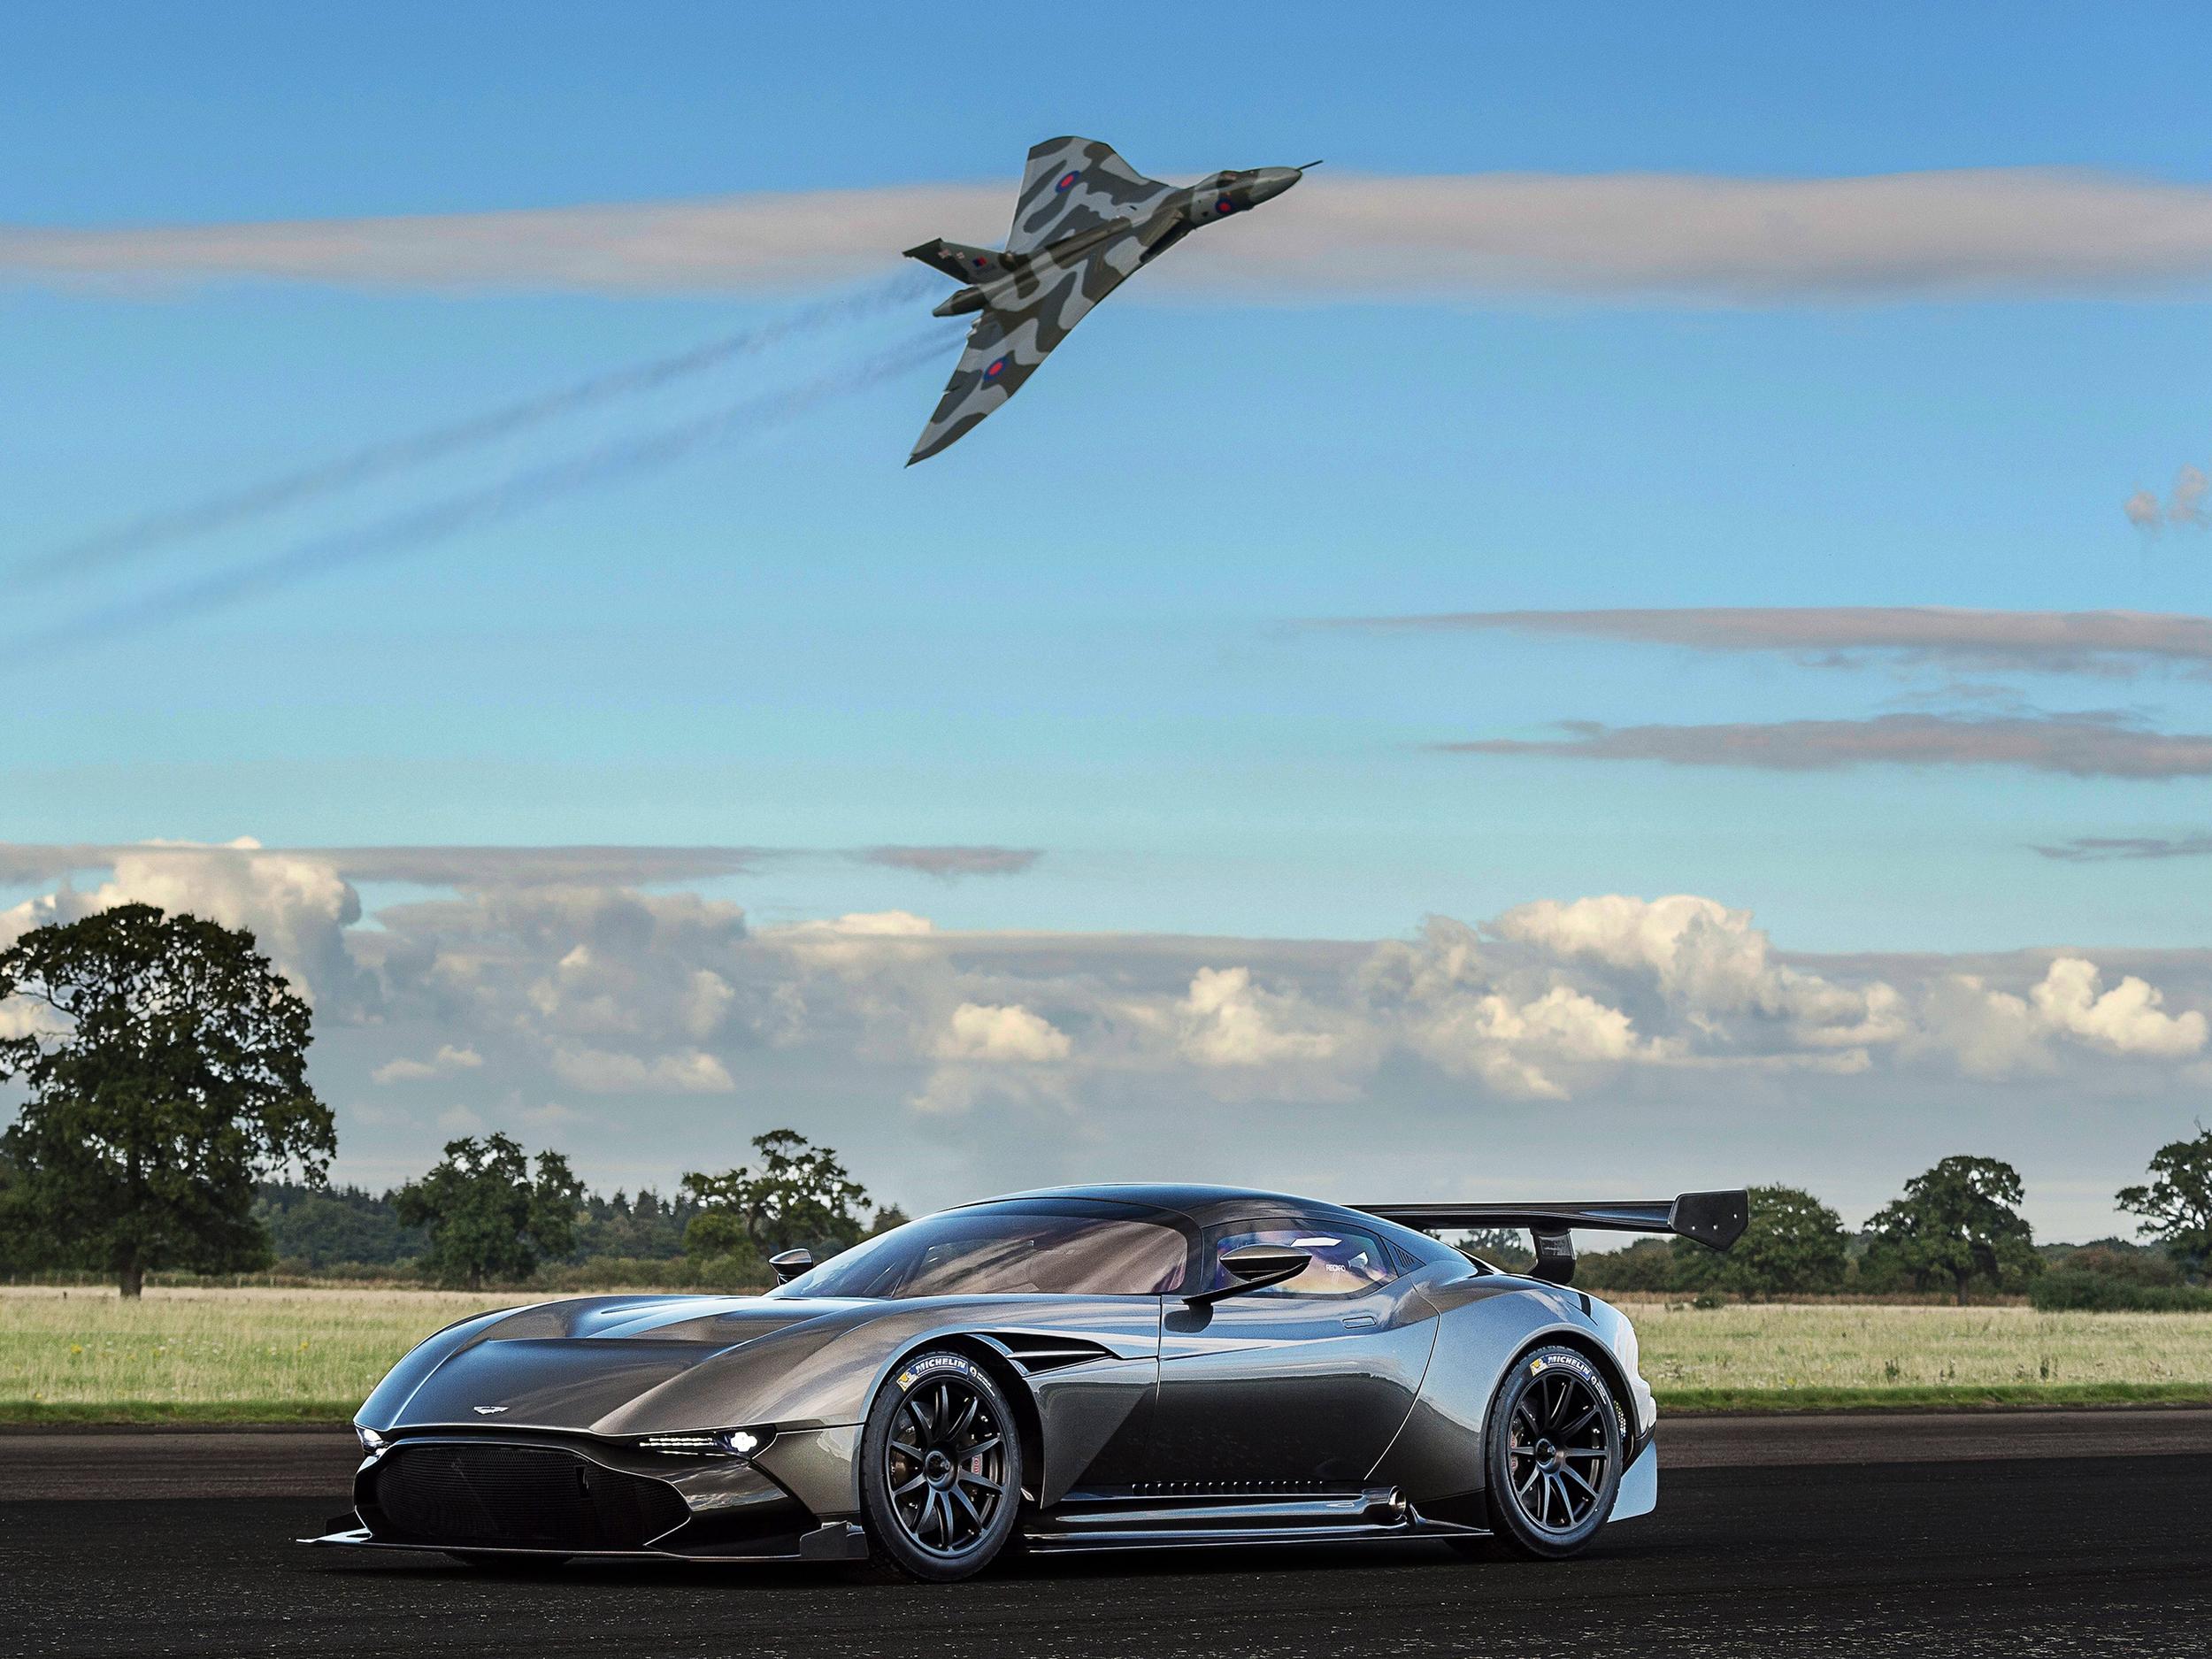 Aston Martin Vulcan meets Avro Vulcan